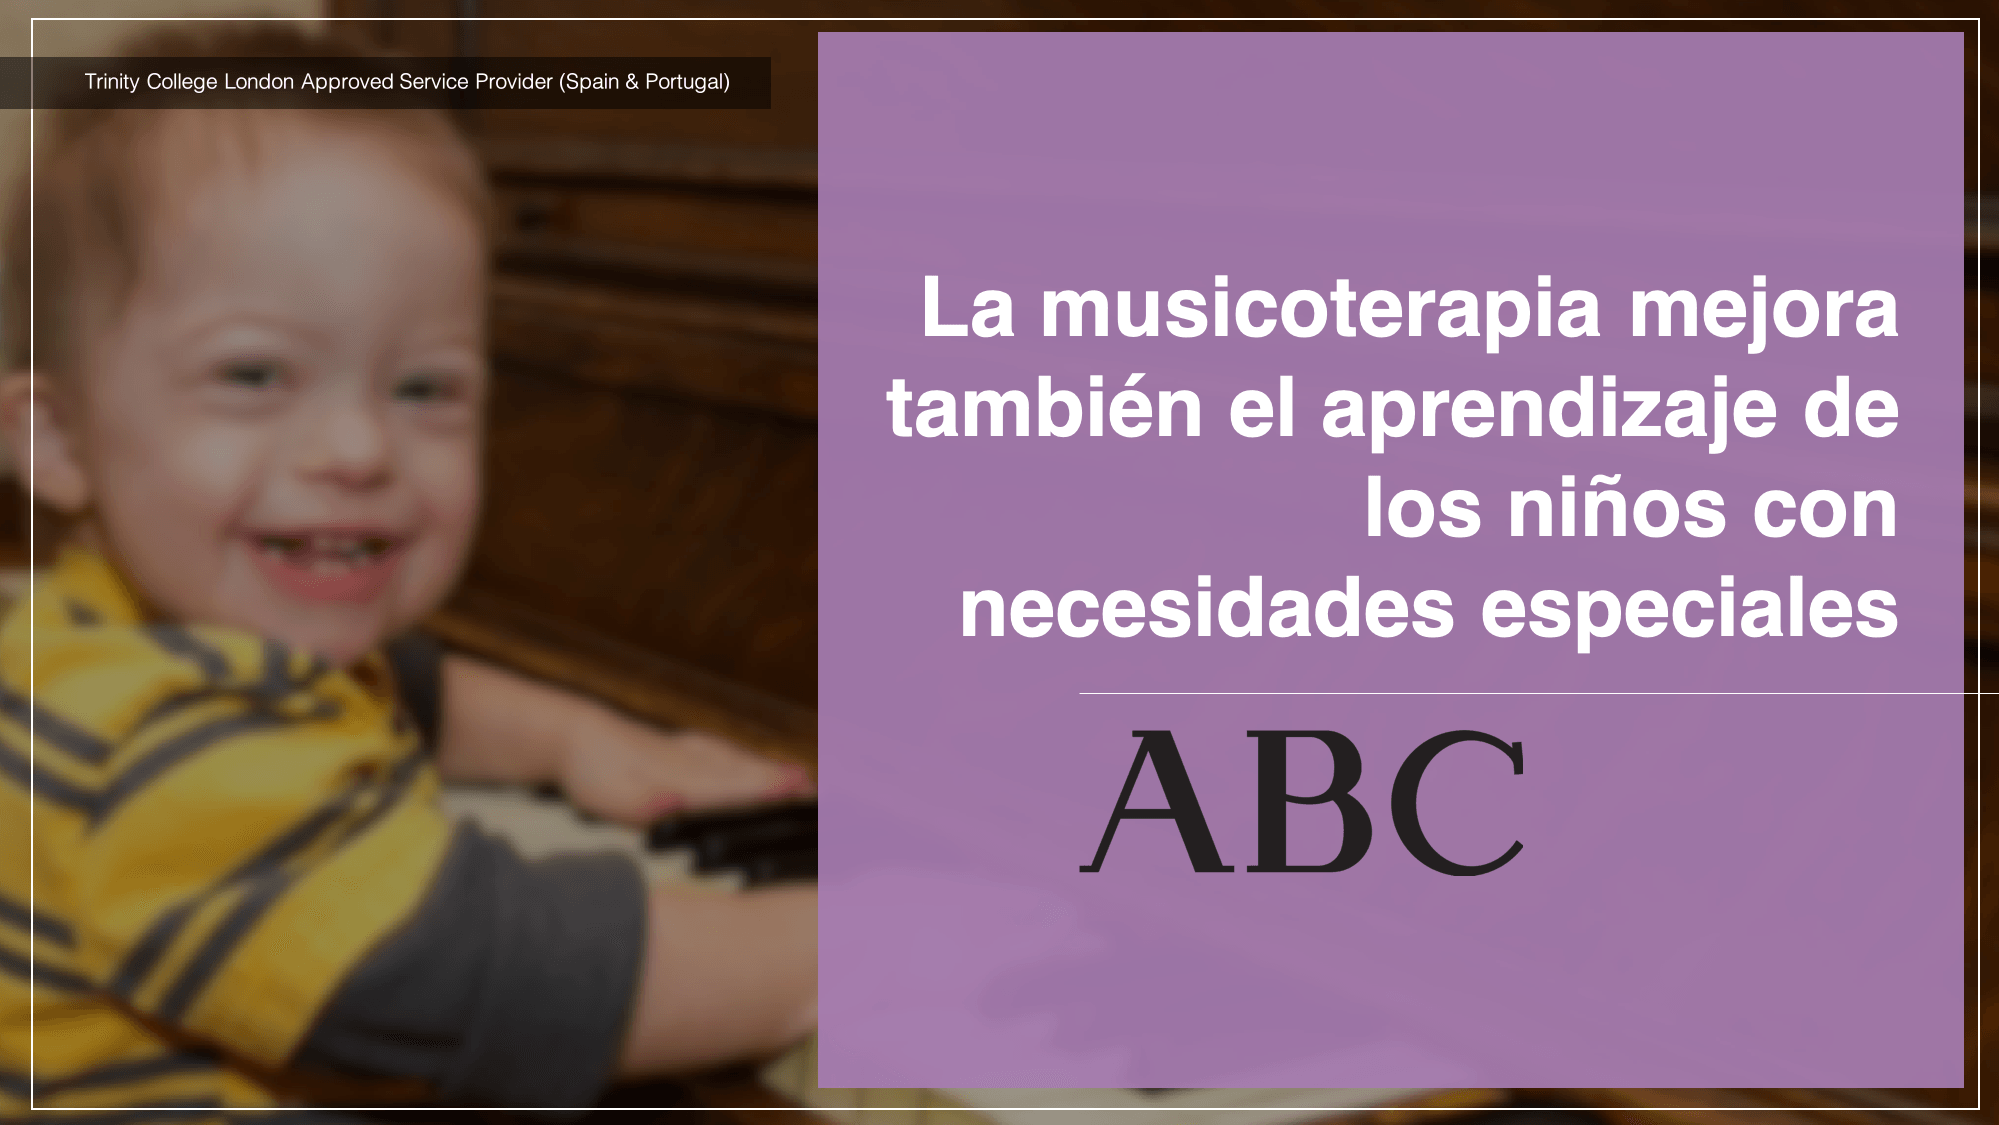 La musicoterapia mejora también el aprendizaje de los niños con necesidades especiales Diario ABC